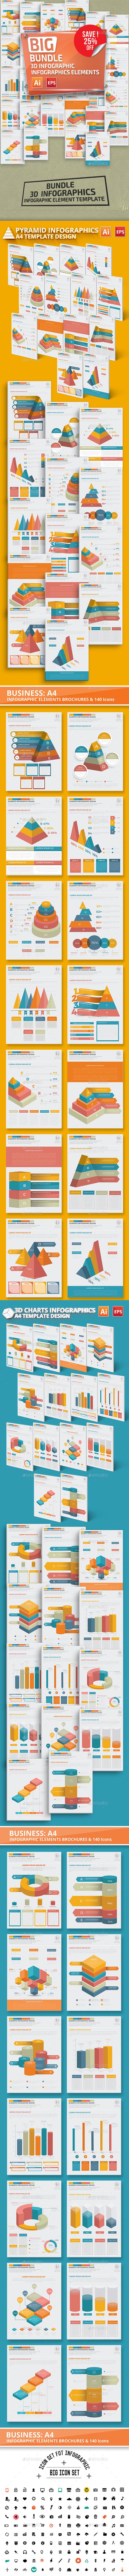 GraphicRiver Bundle 3D Infographics 20307497